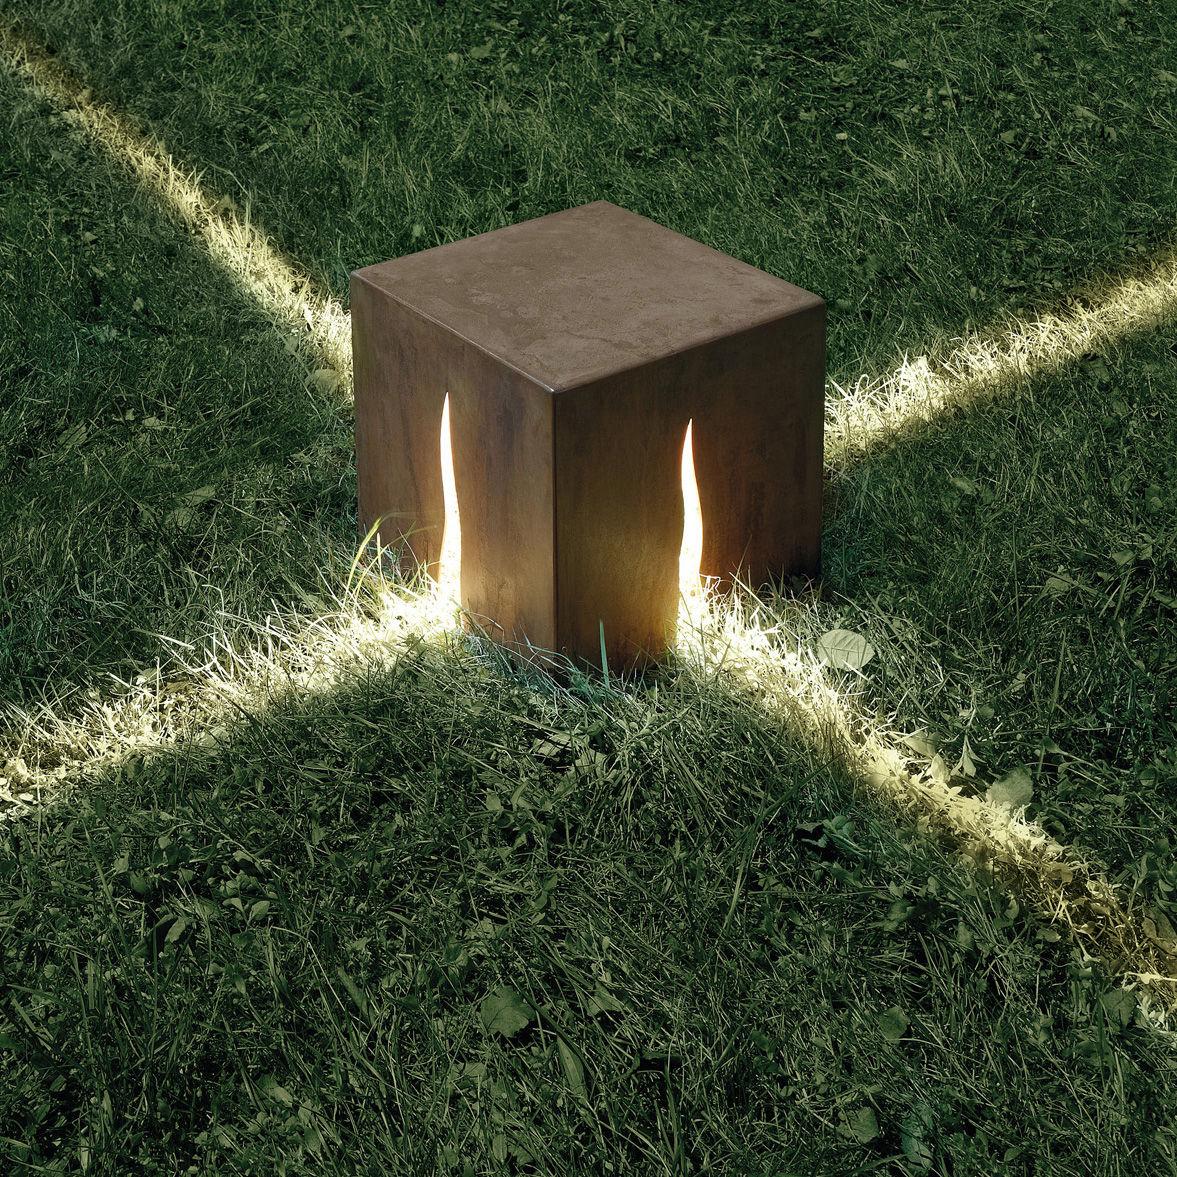 Lampe De Sol Granito H 30 Cm Pour Lextrieur H 30 Cm